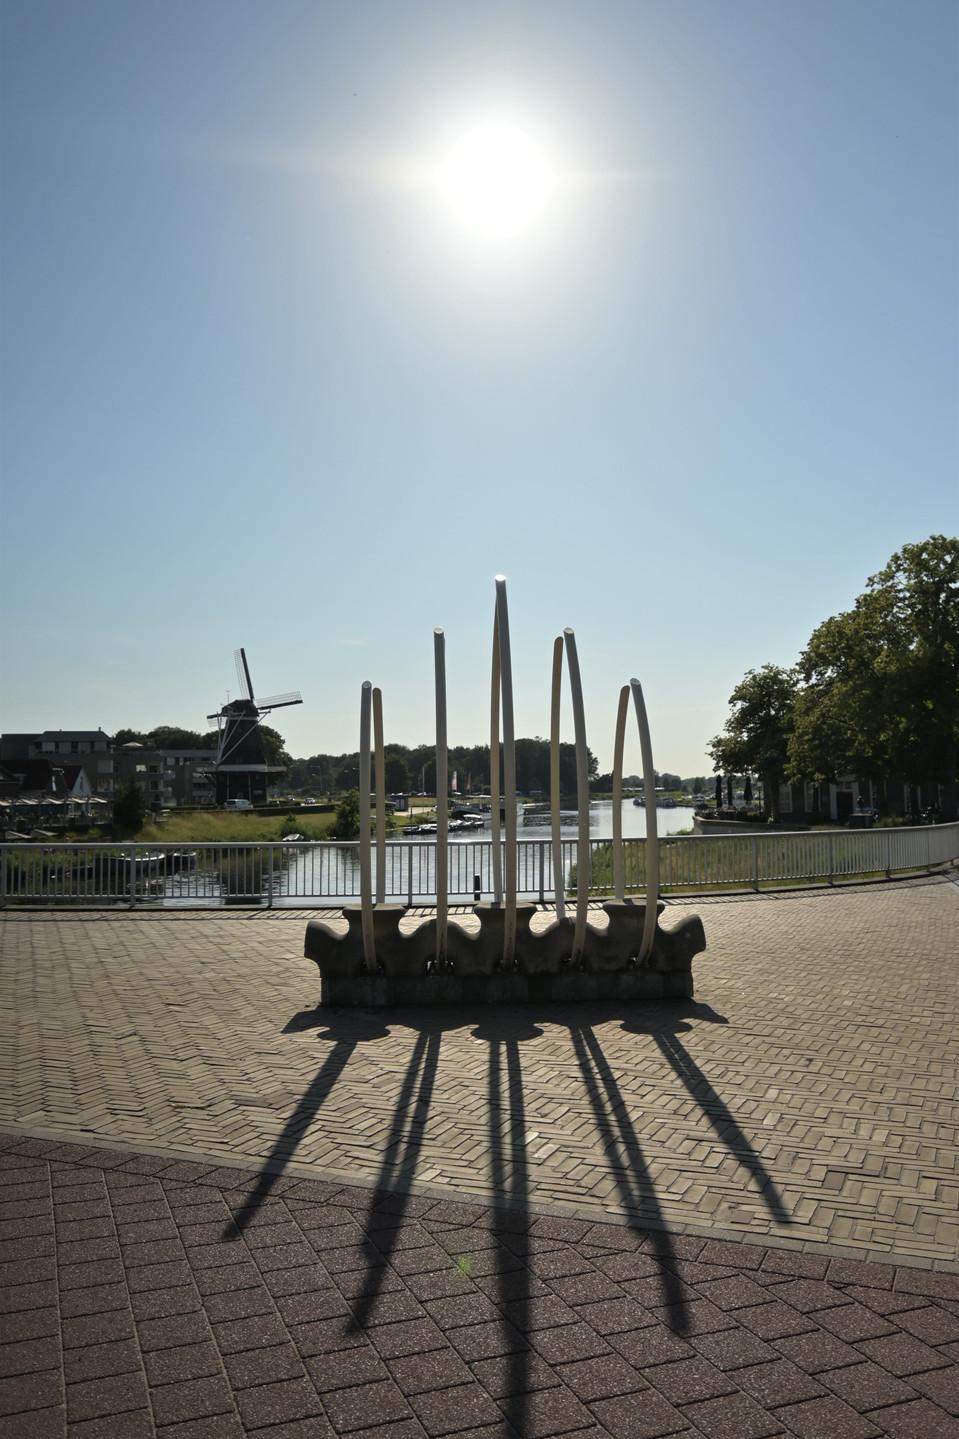 De Vecht river in Ommen - Overijssel - the Netherlands